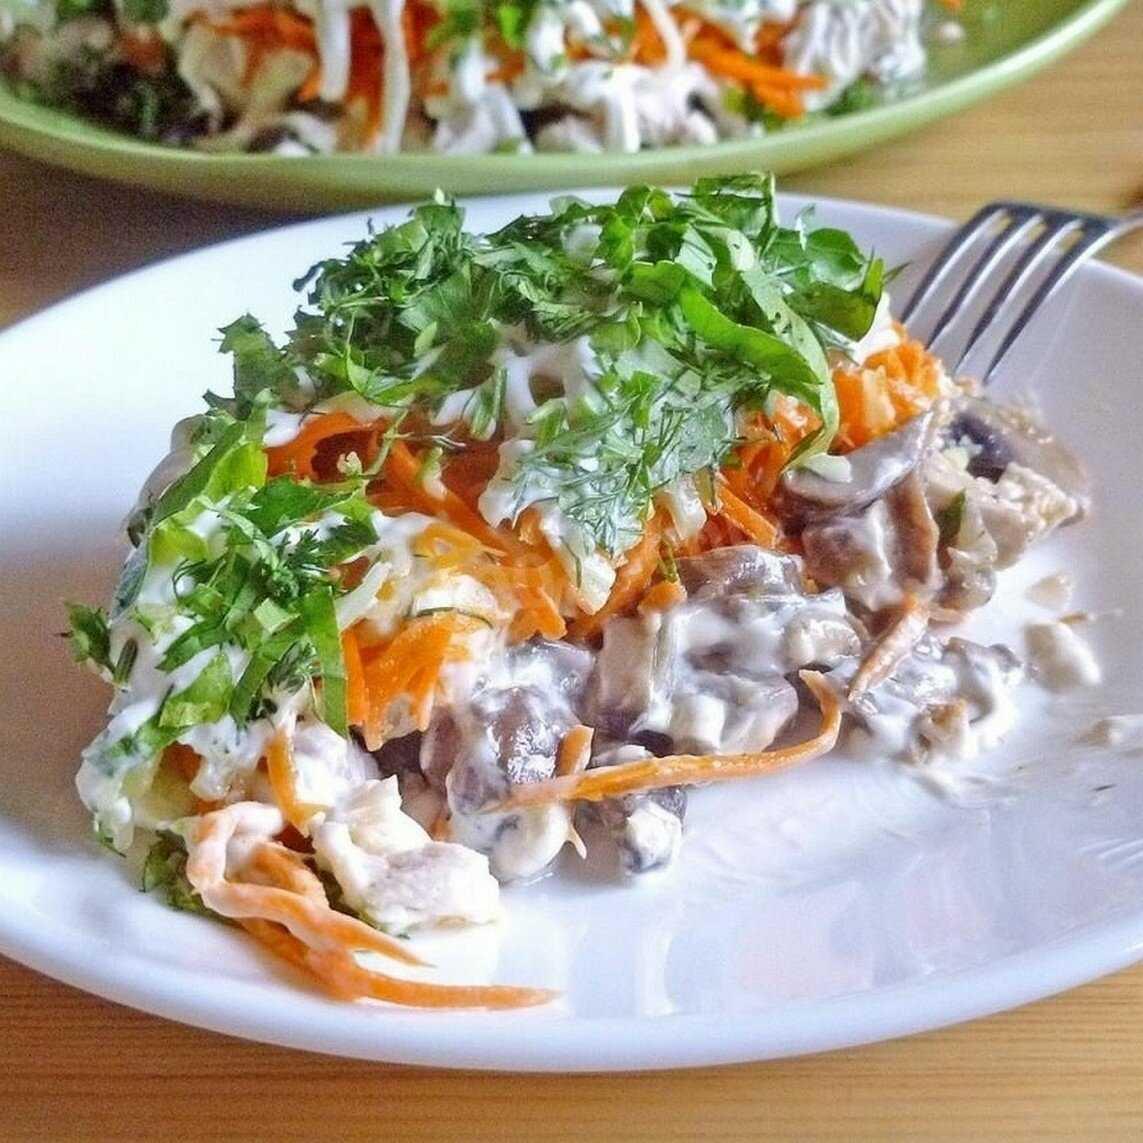 Салат грудка консервированные грибы майонез рецепт с фото пошагово - 1000.menu